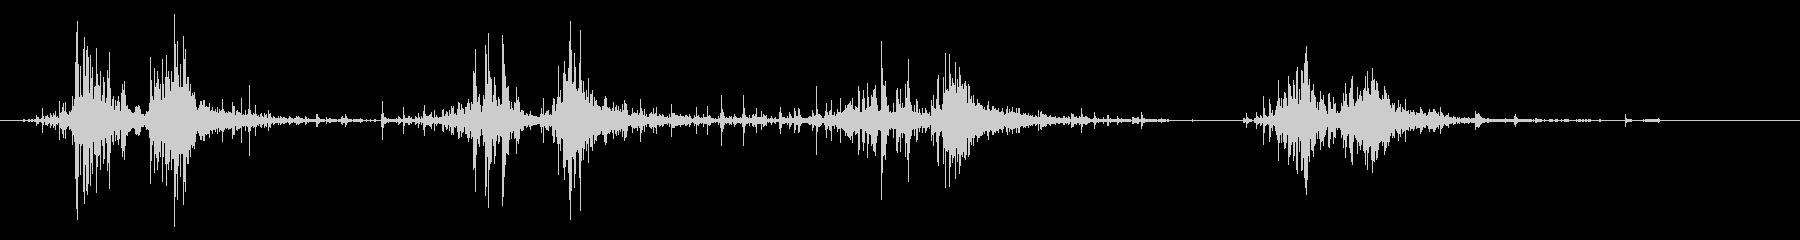 タブレッド菓子出す音・振る音21の未再生の波形